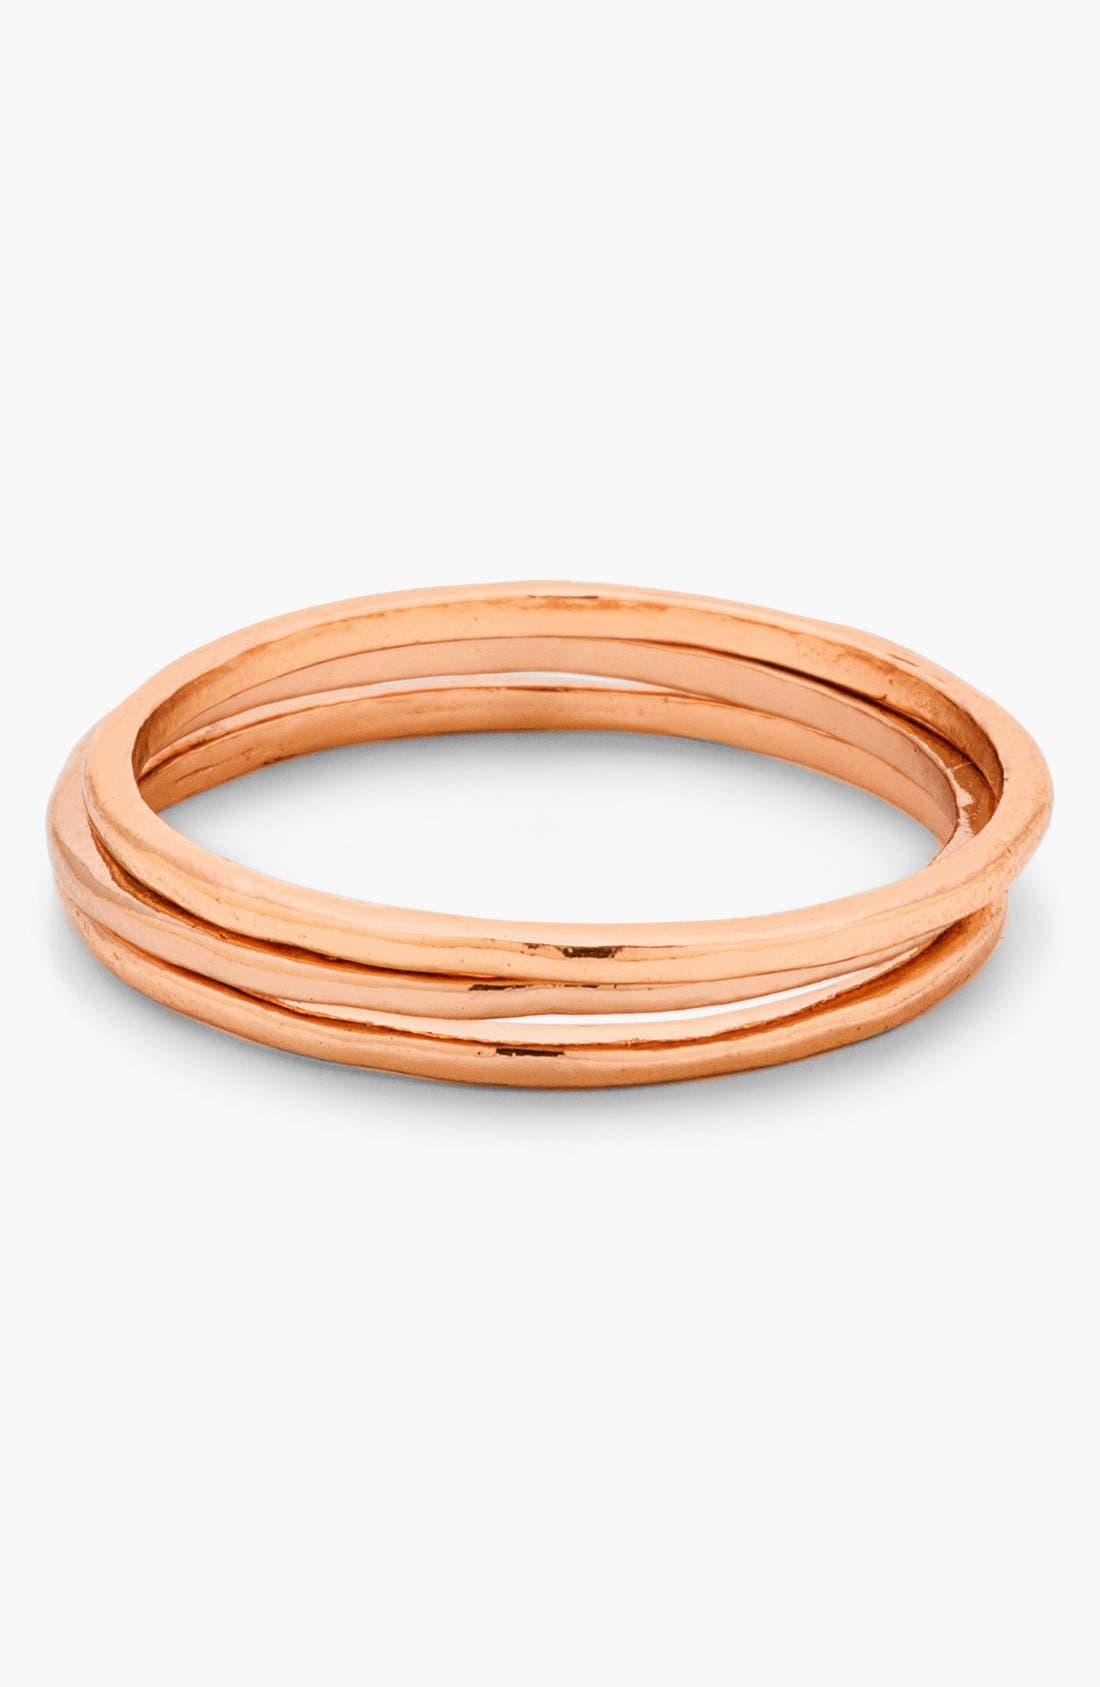 Main Image - gorjana 'G Ring' Rings (Set of 3)